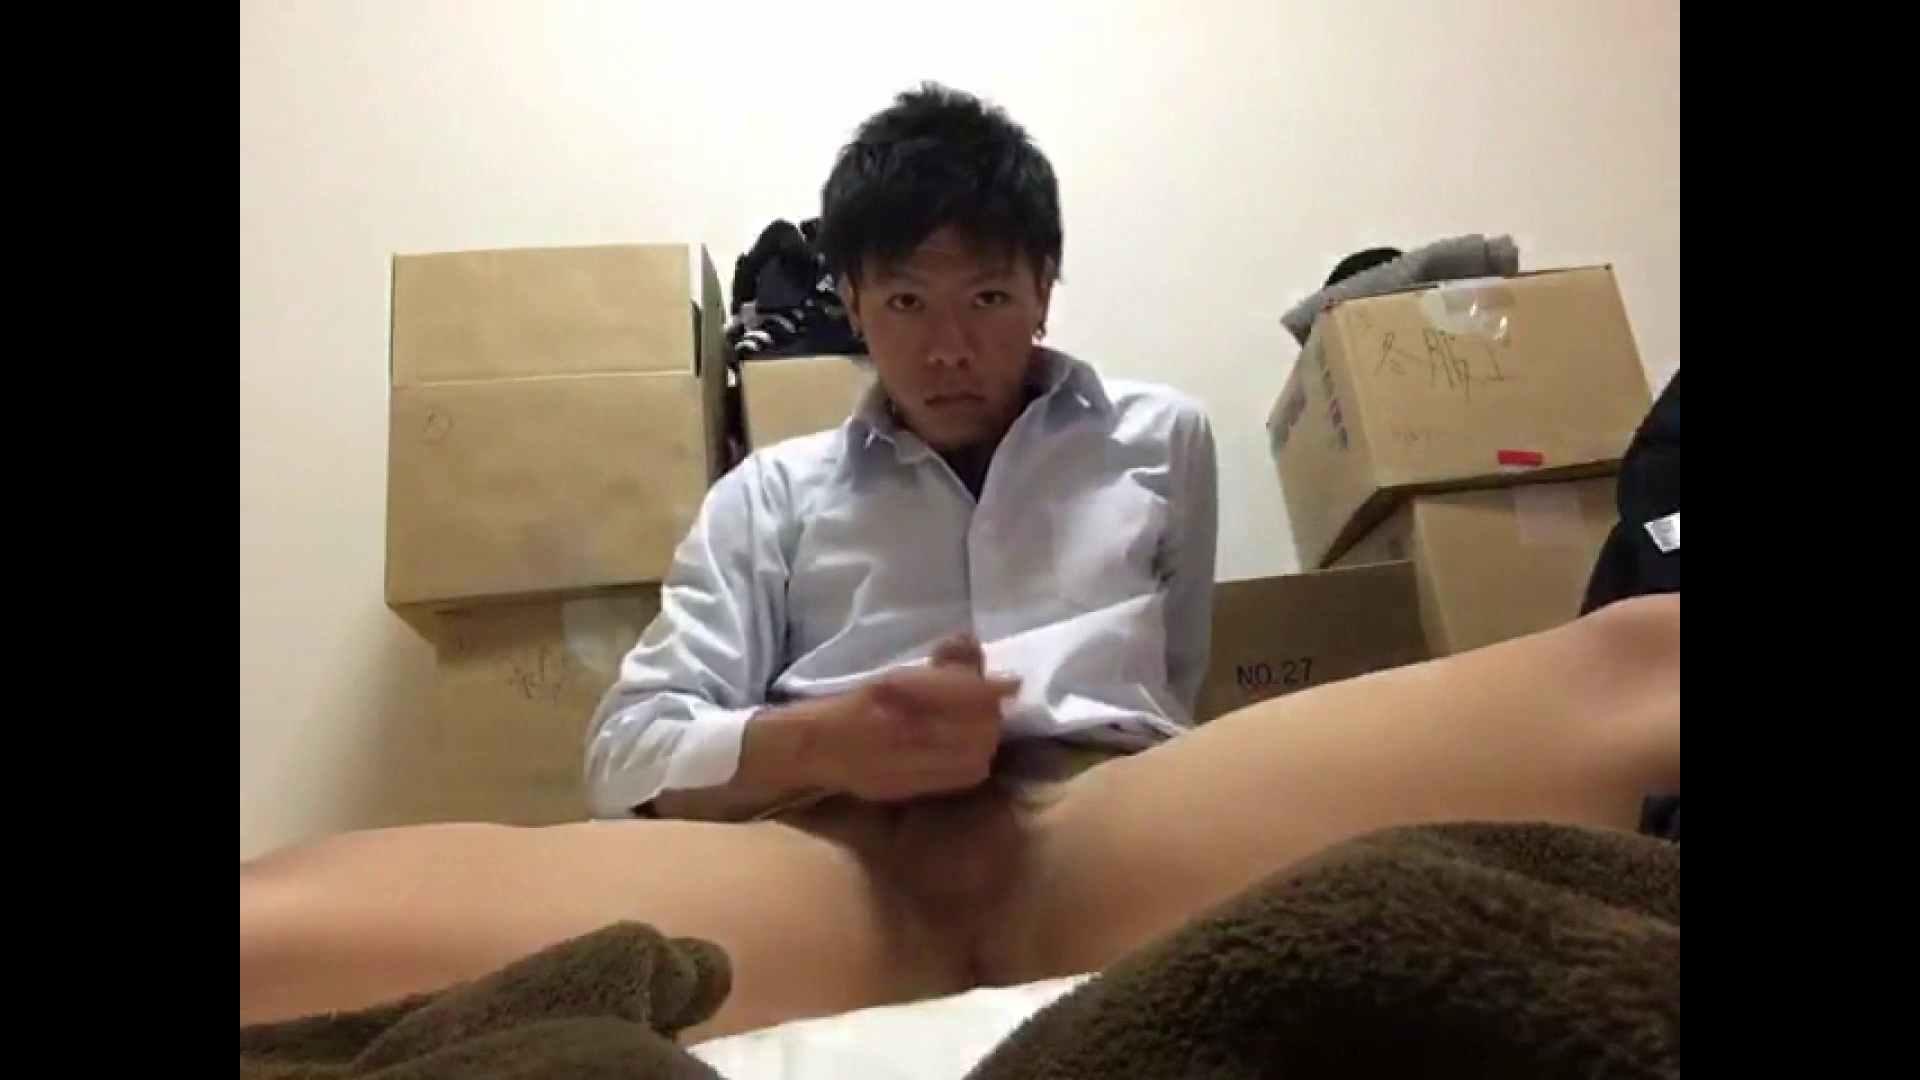 個人撮影 自慰の極意 Vol.1 個人撮影 ゲイエロ動画 82pic 35